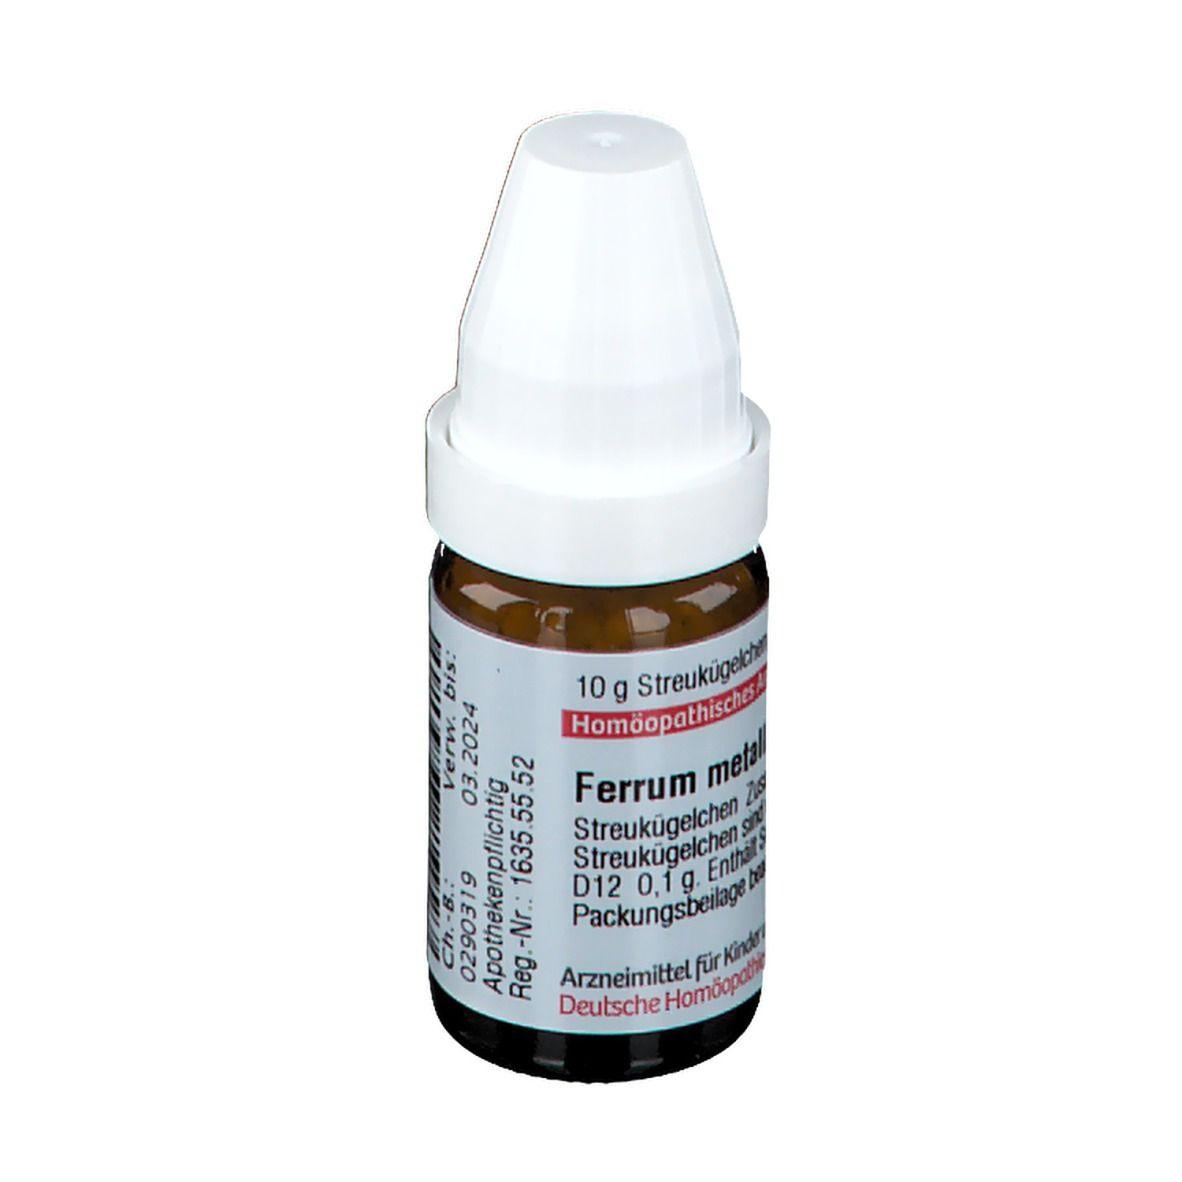 DHU Ferrum Metallicum D12